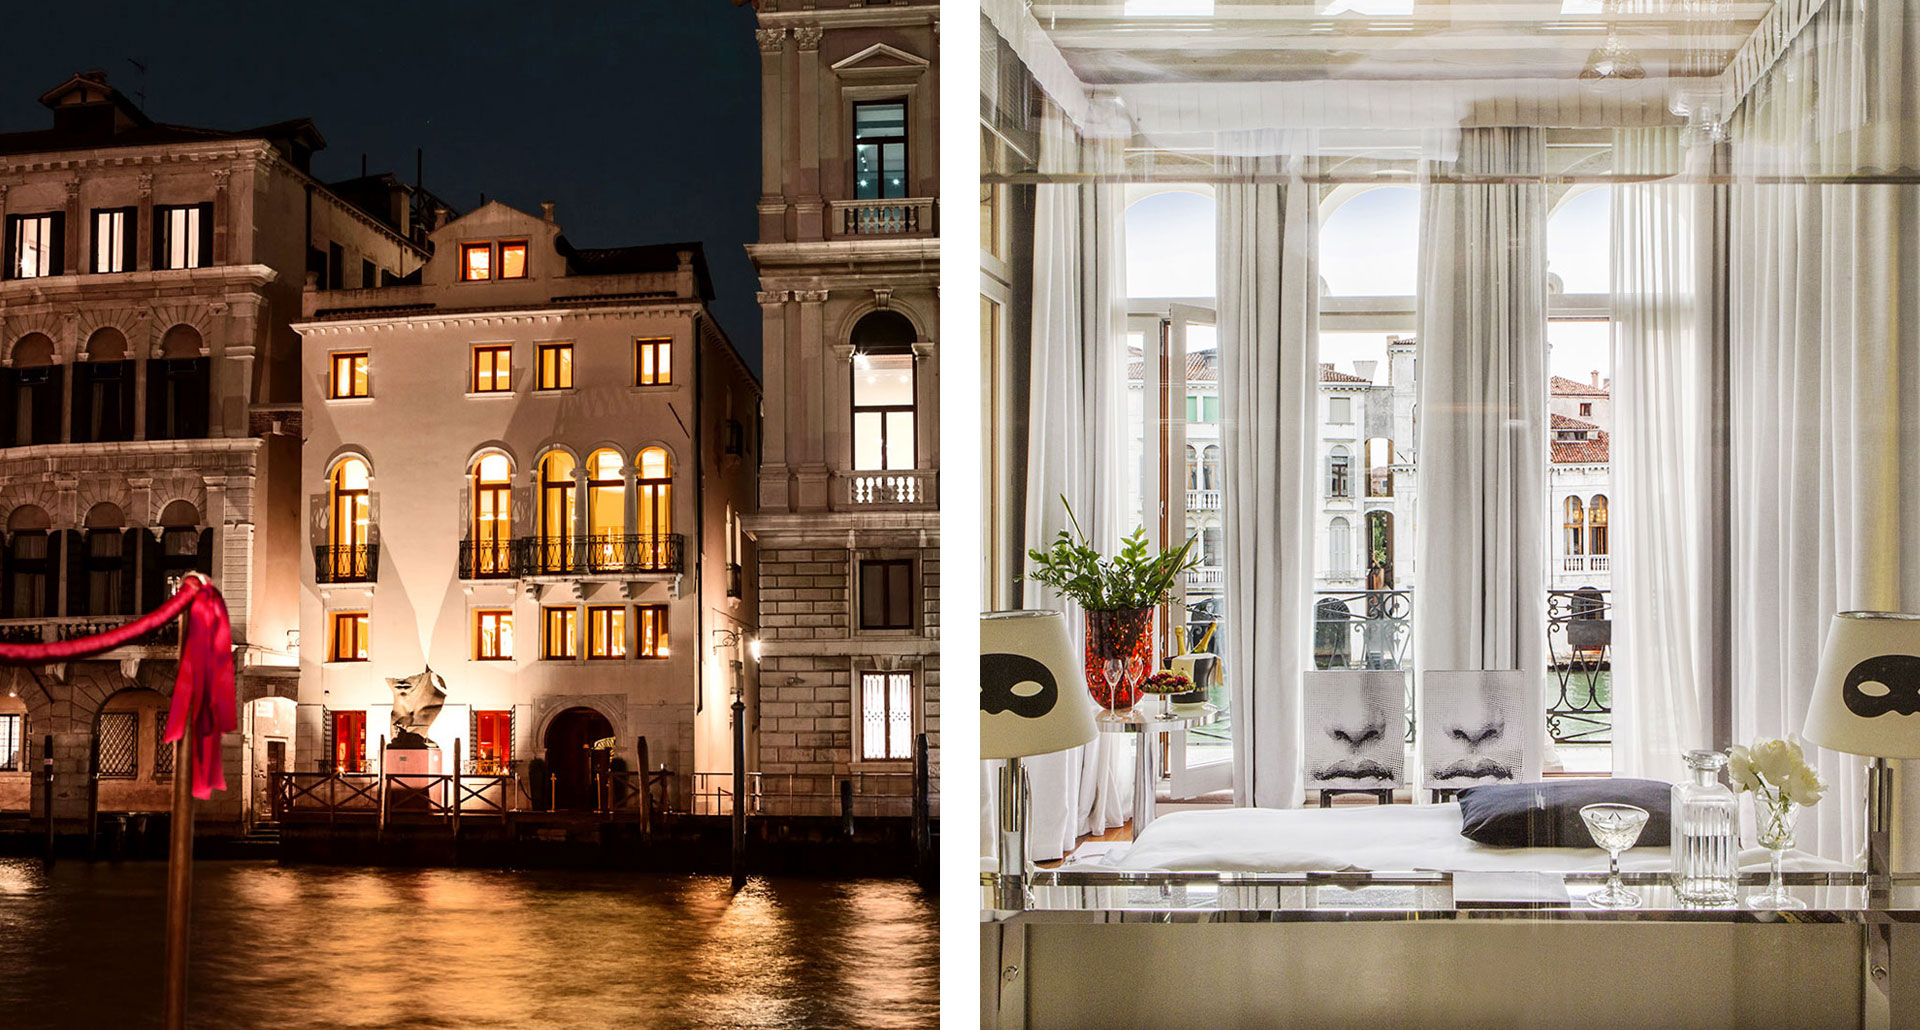 Palazzina Grassi - boutique hotel in Venice